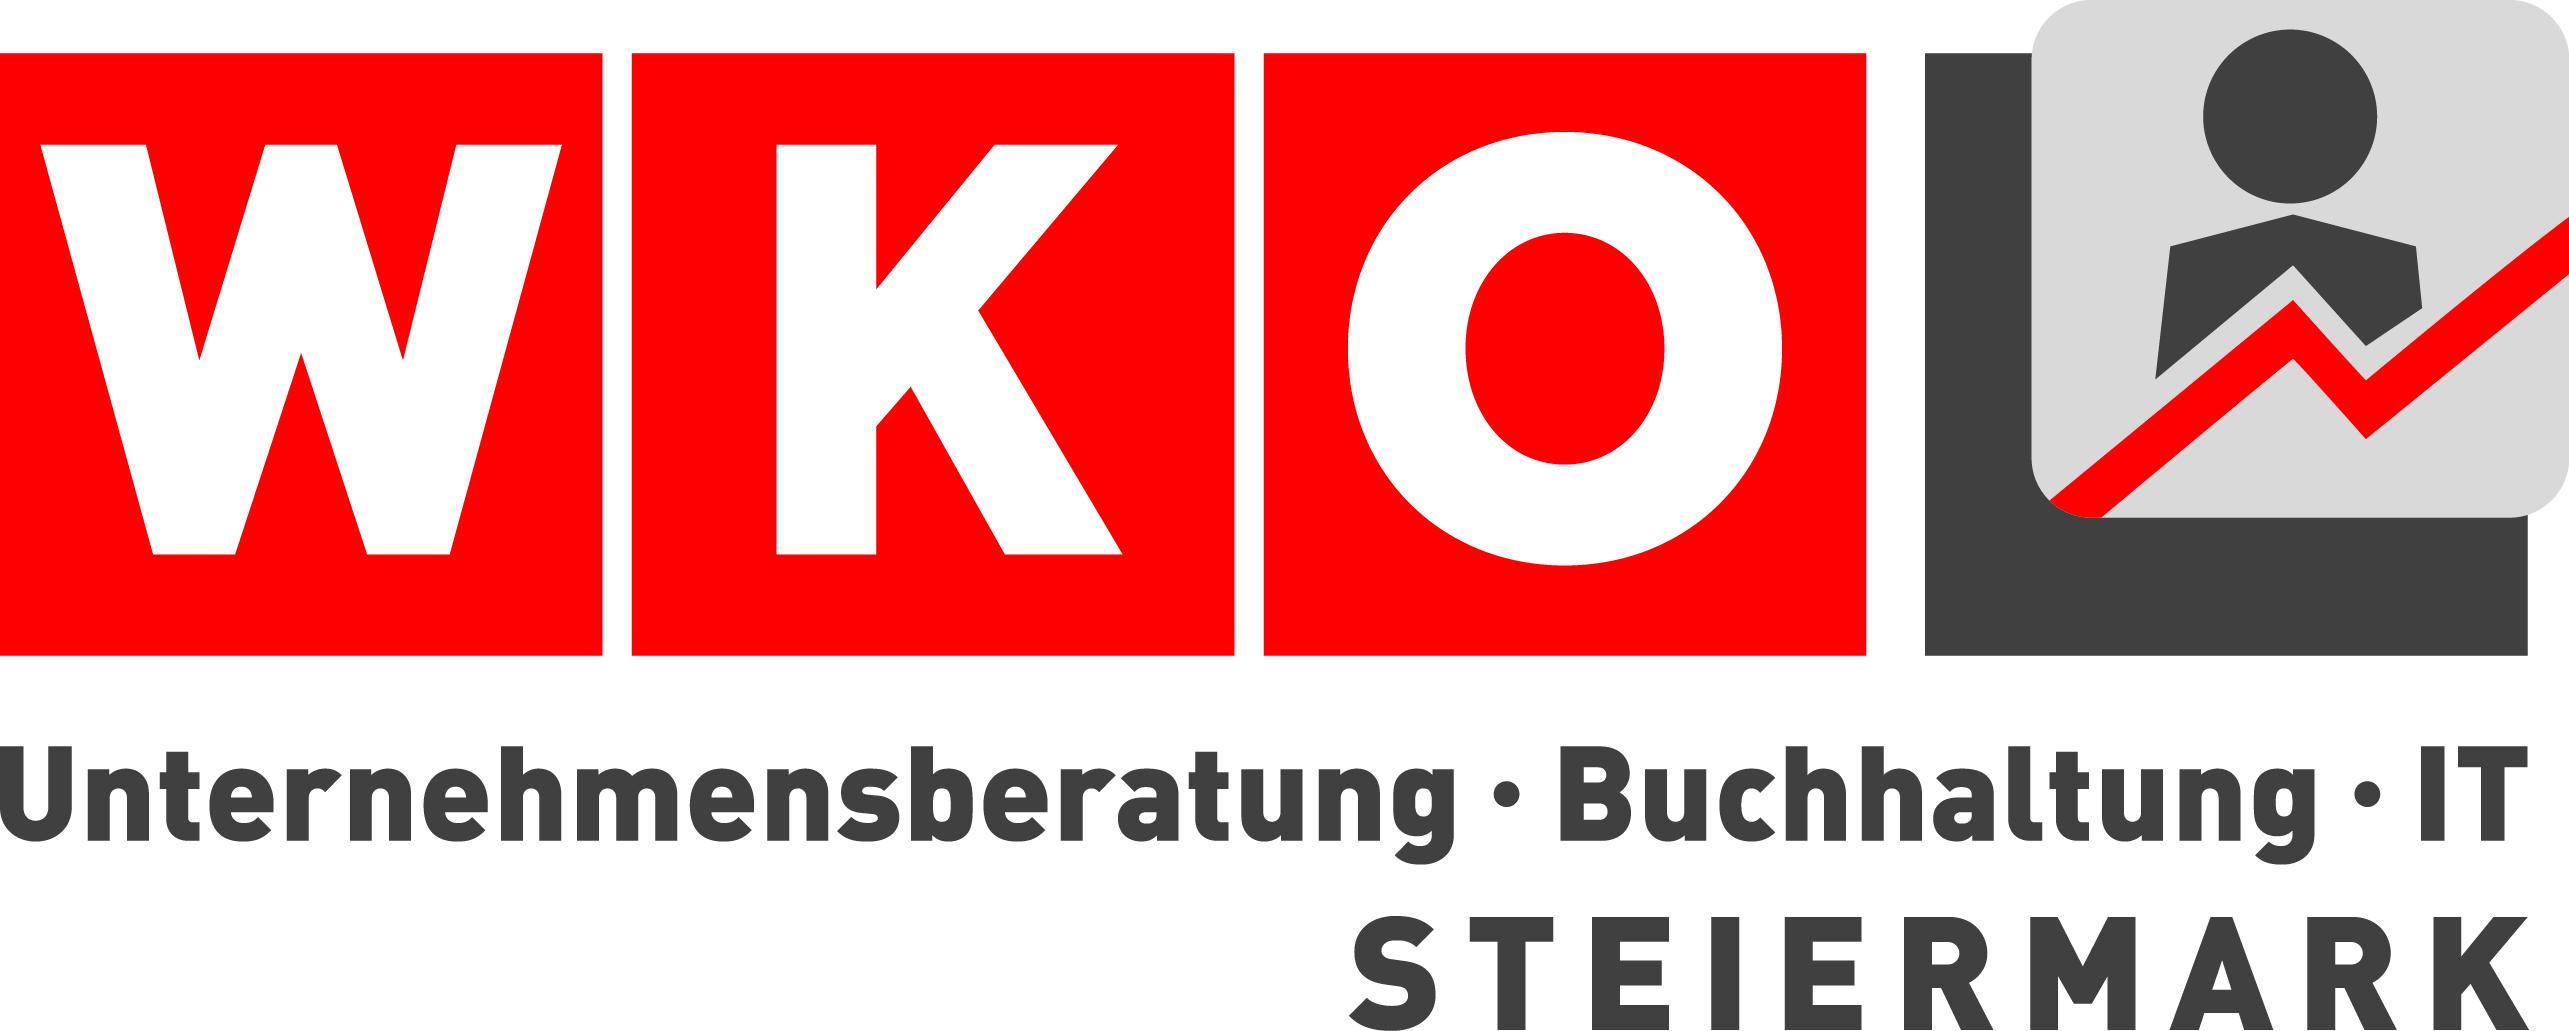 Unternehmensberatung, Buchhaltung und Informationstechnologie - Fachgruppe der WKO Steiermark